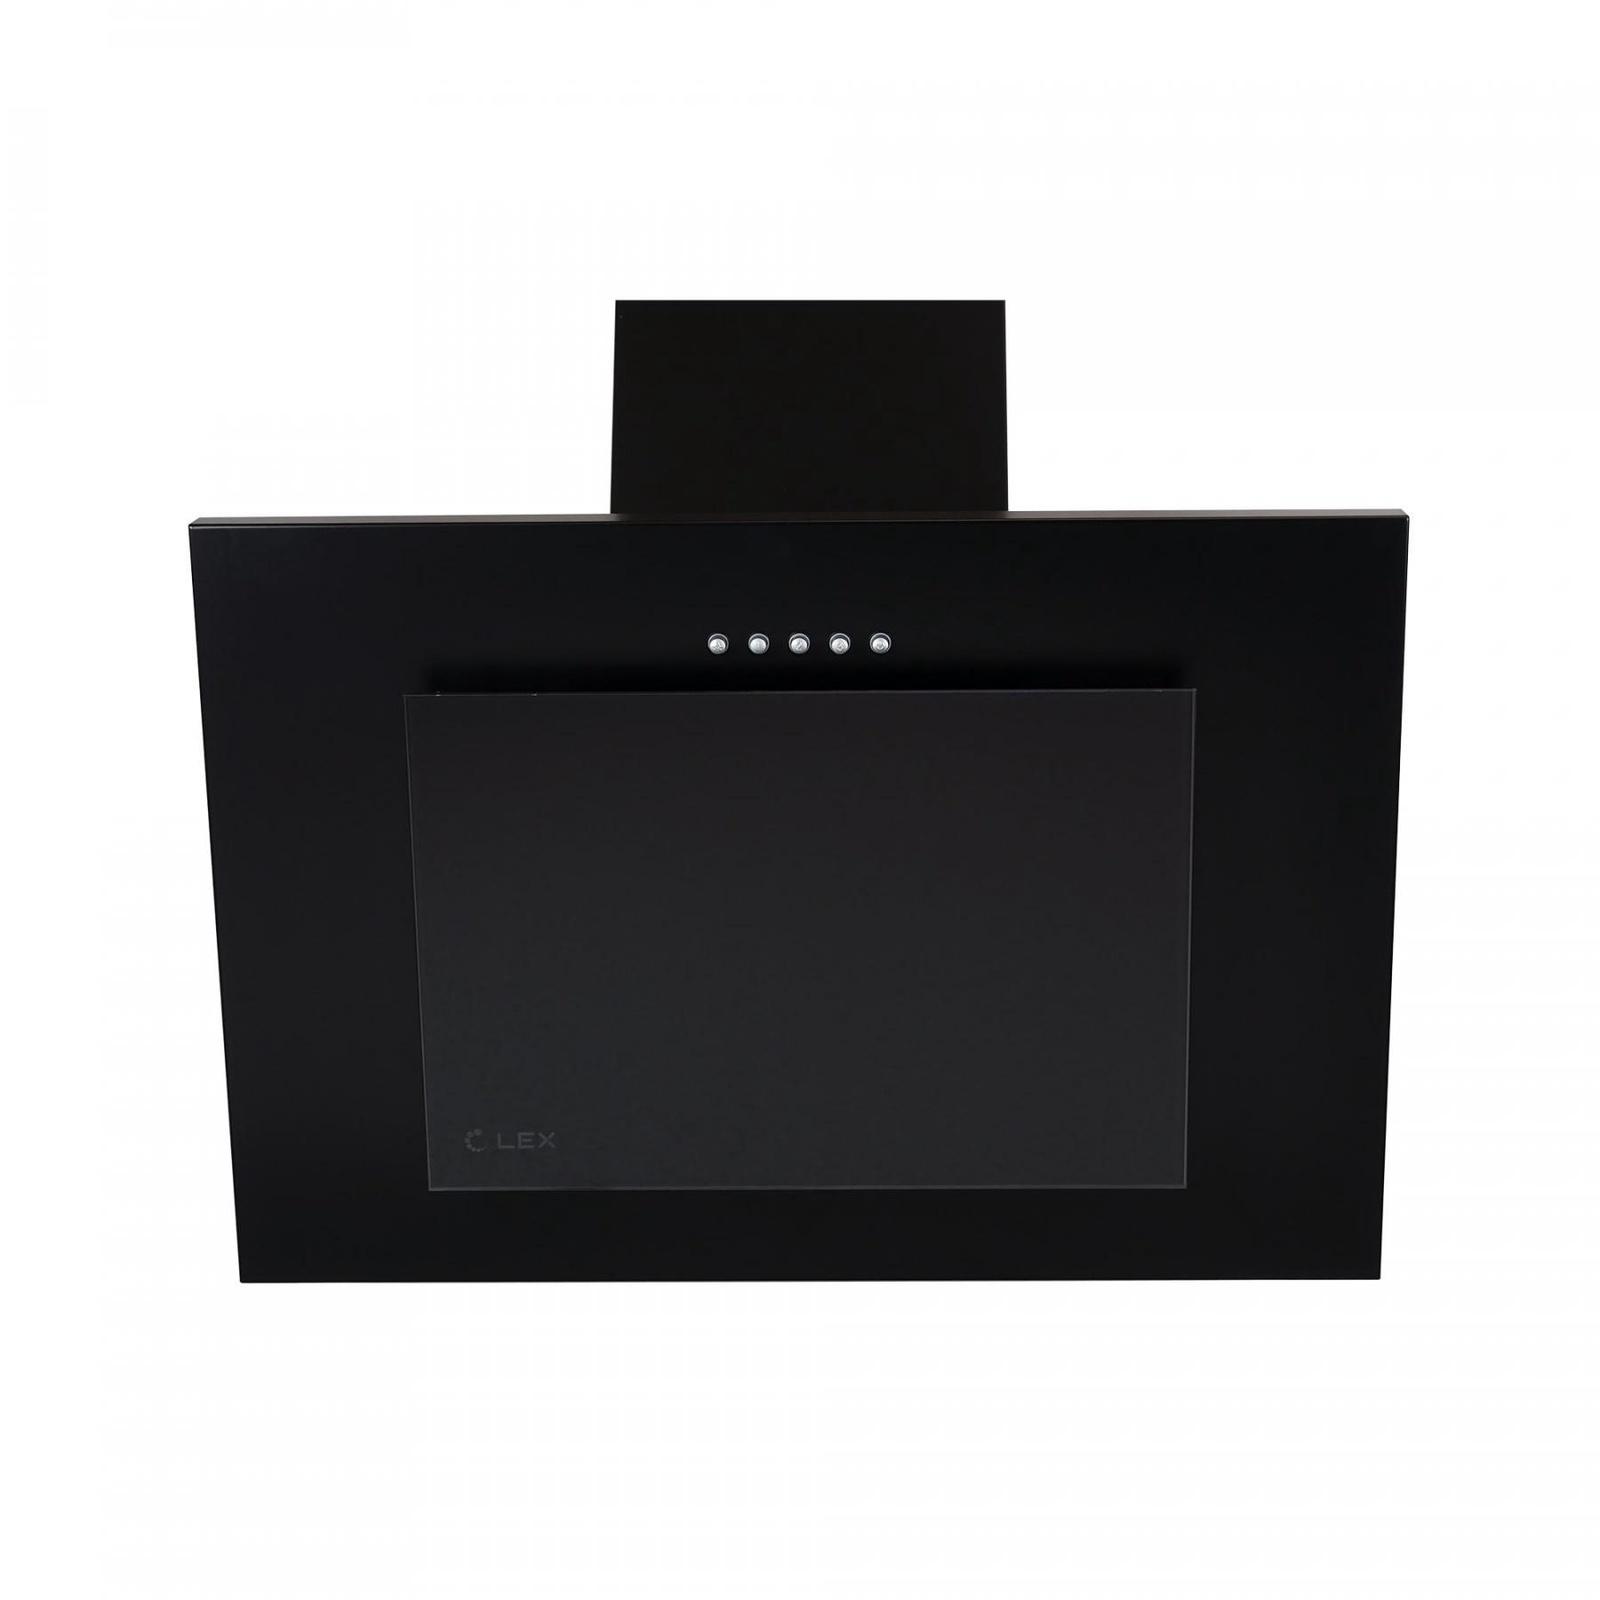 Вытяжка Lex Mini 600 Black, черный